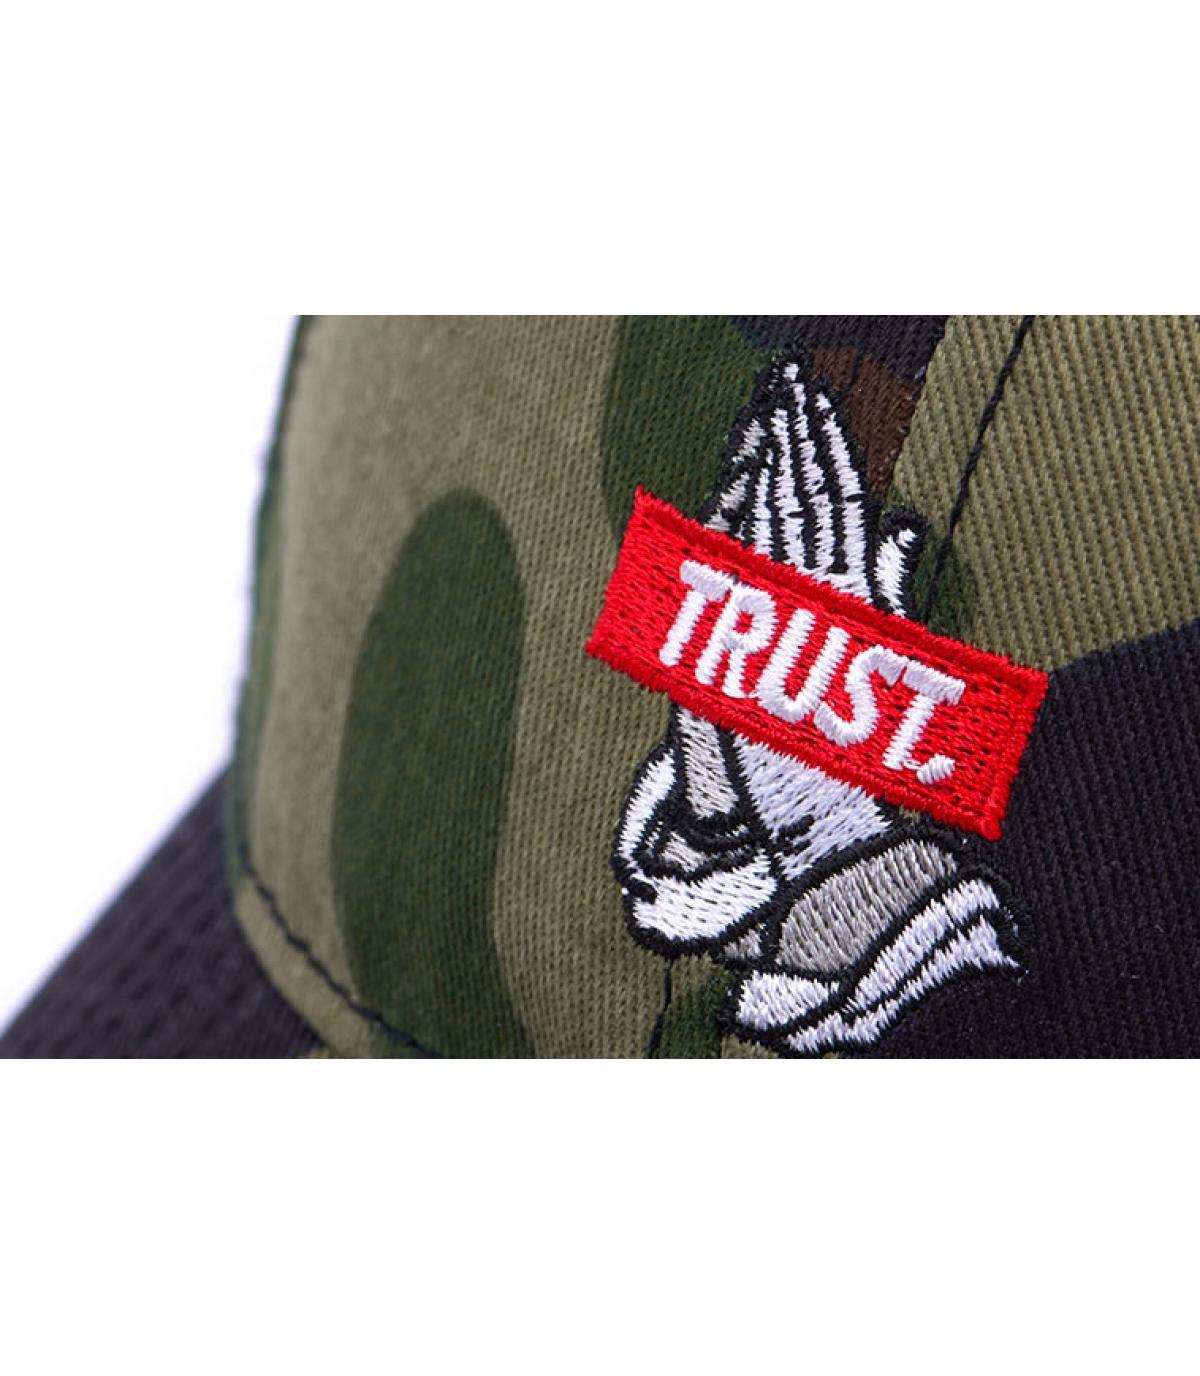 Detalles Trust Curved Camo imagen 5